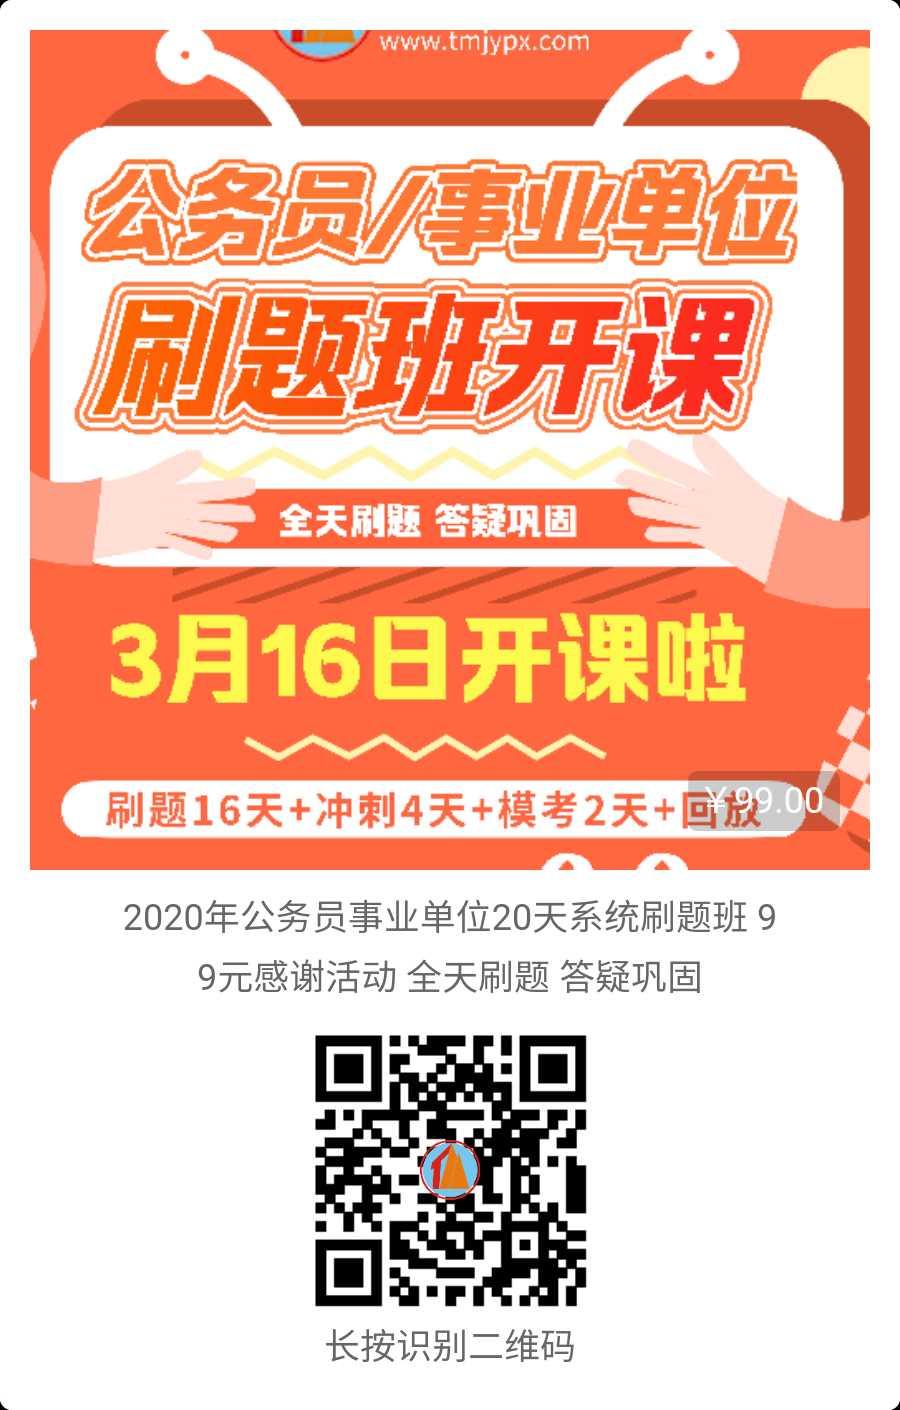 历年贵州省考招录人数职位表汇总(2016年-2019年)